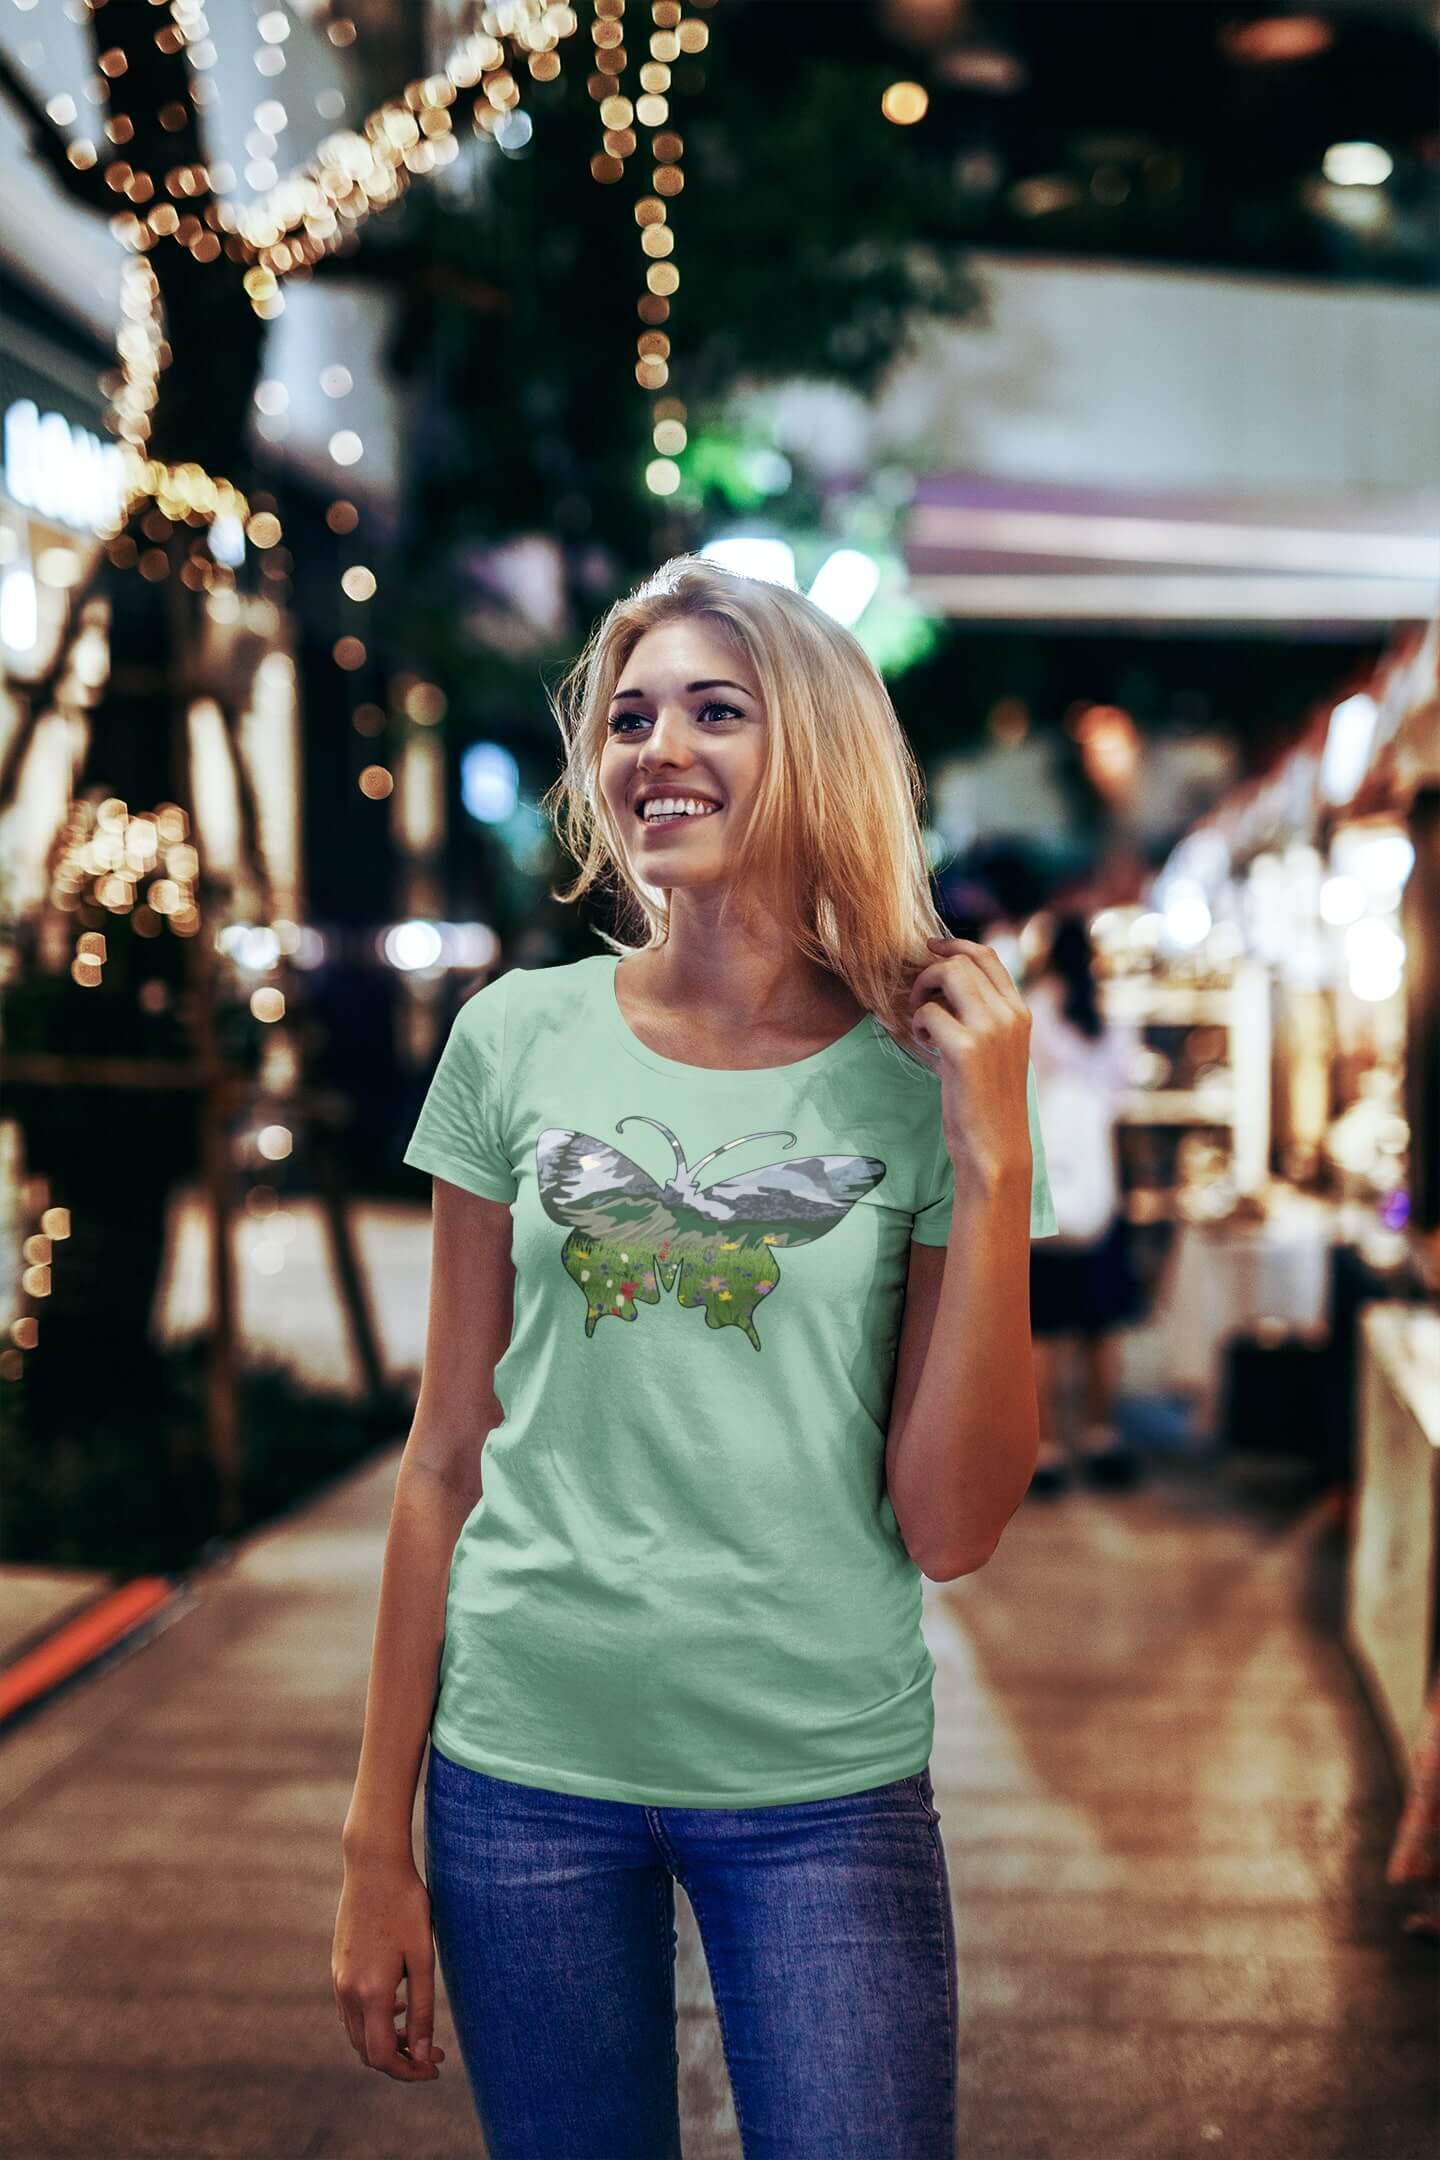 MMO Dámske tričko Motýľ Vyberte farbu: Mätová, Vyberte veľkosť: S